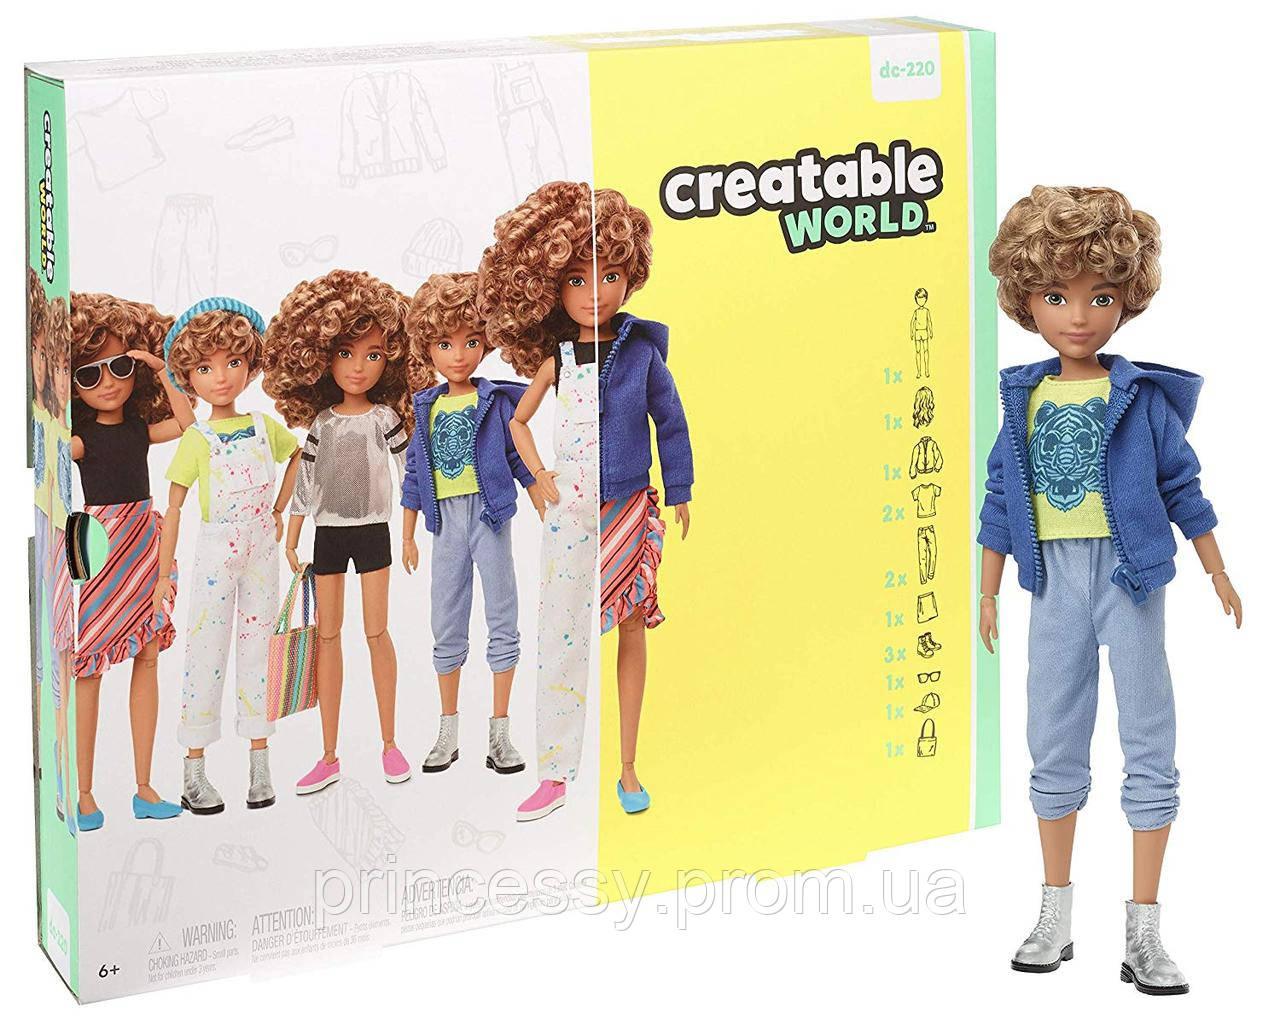 Кукла Creatable World Творимый Мир Deluxe светлые кудрявые волосы